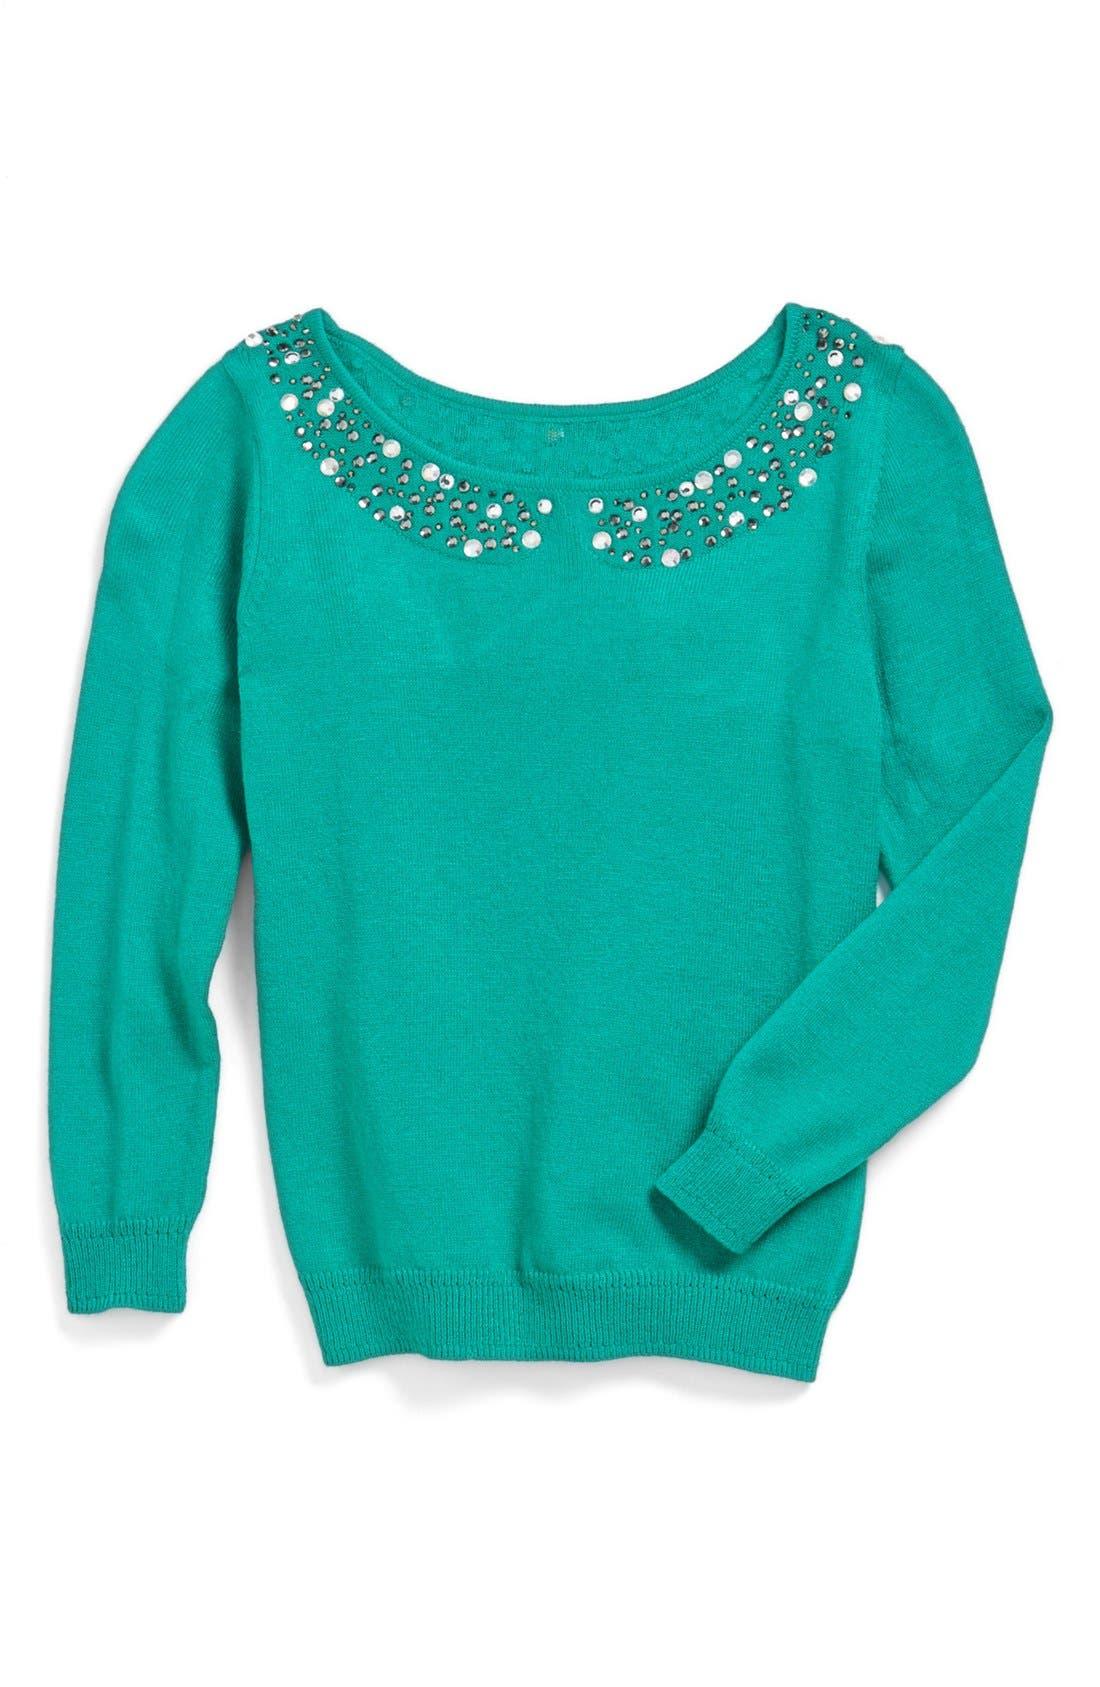 Alternate Image 1 Selected - Milly Minis Rhinestone Collar Sweater (Toddler Girls, Little Girls & Big Girls)